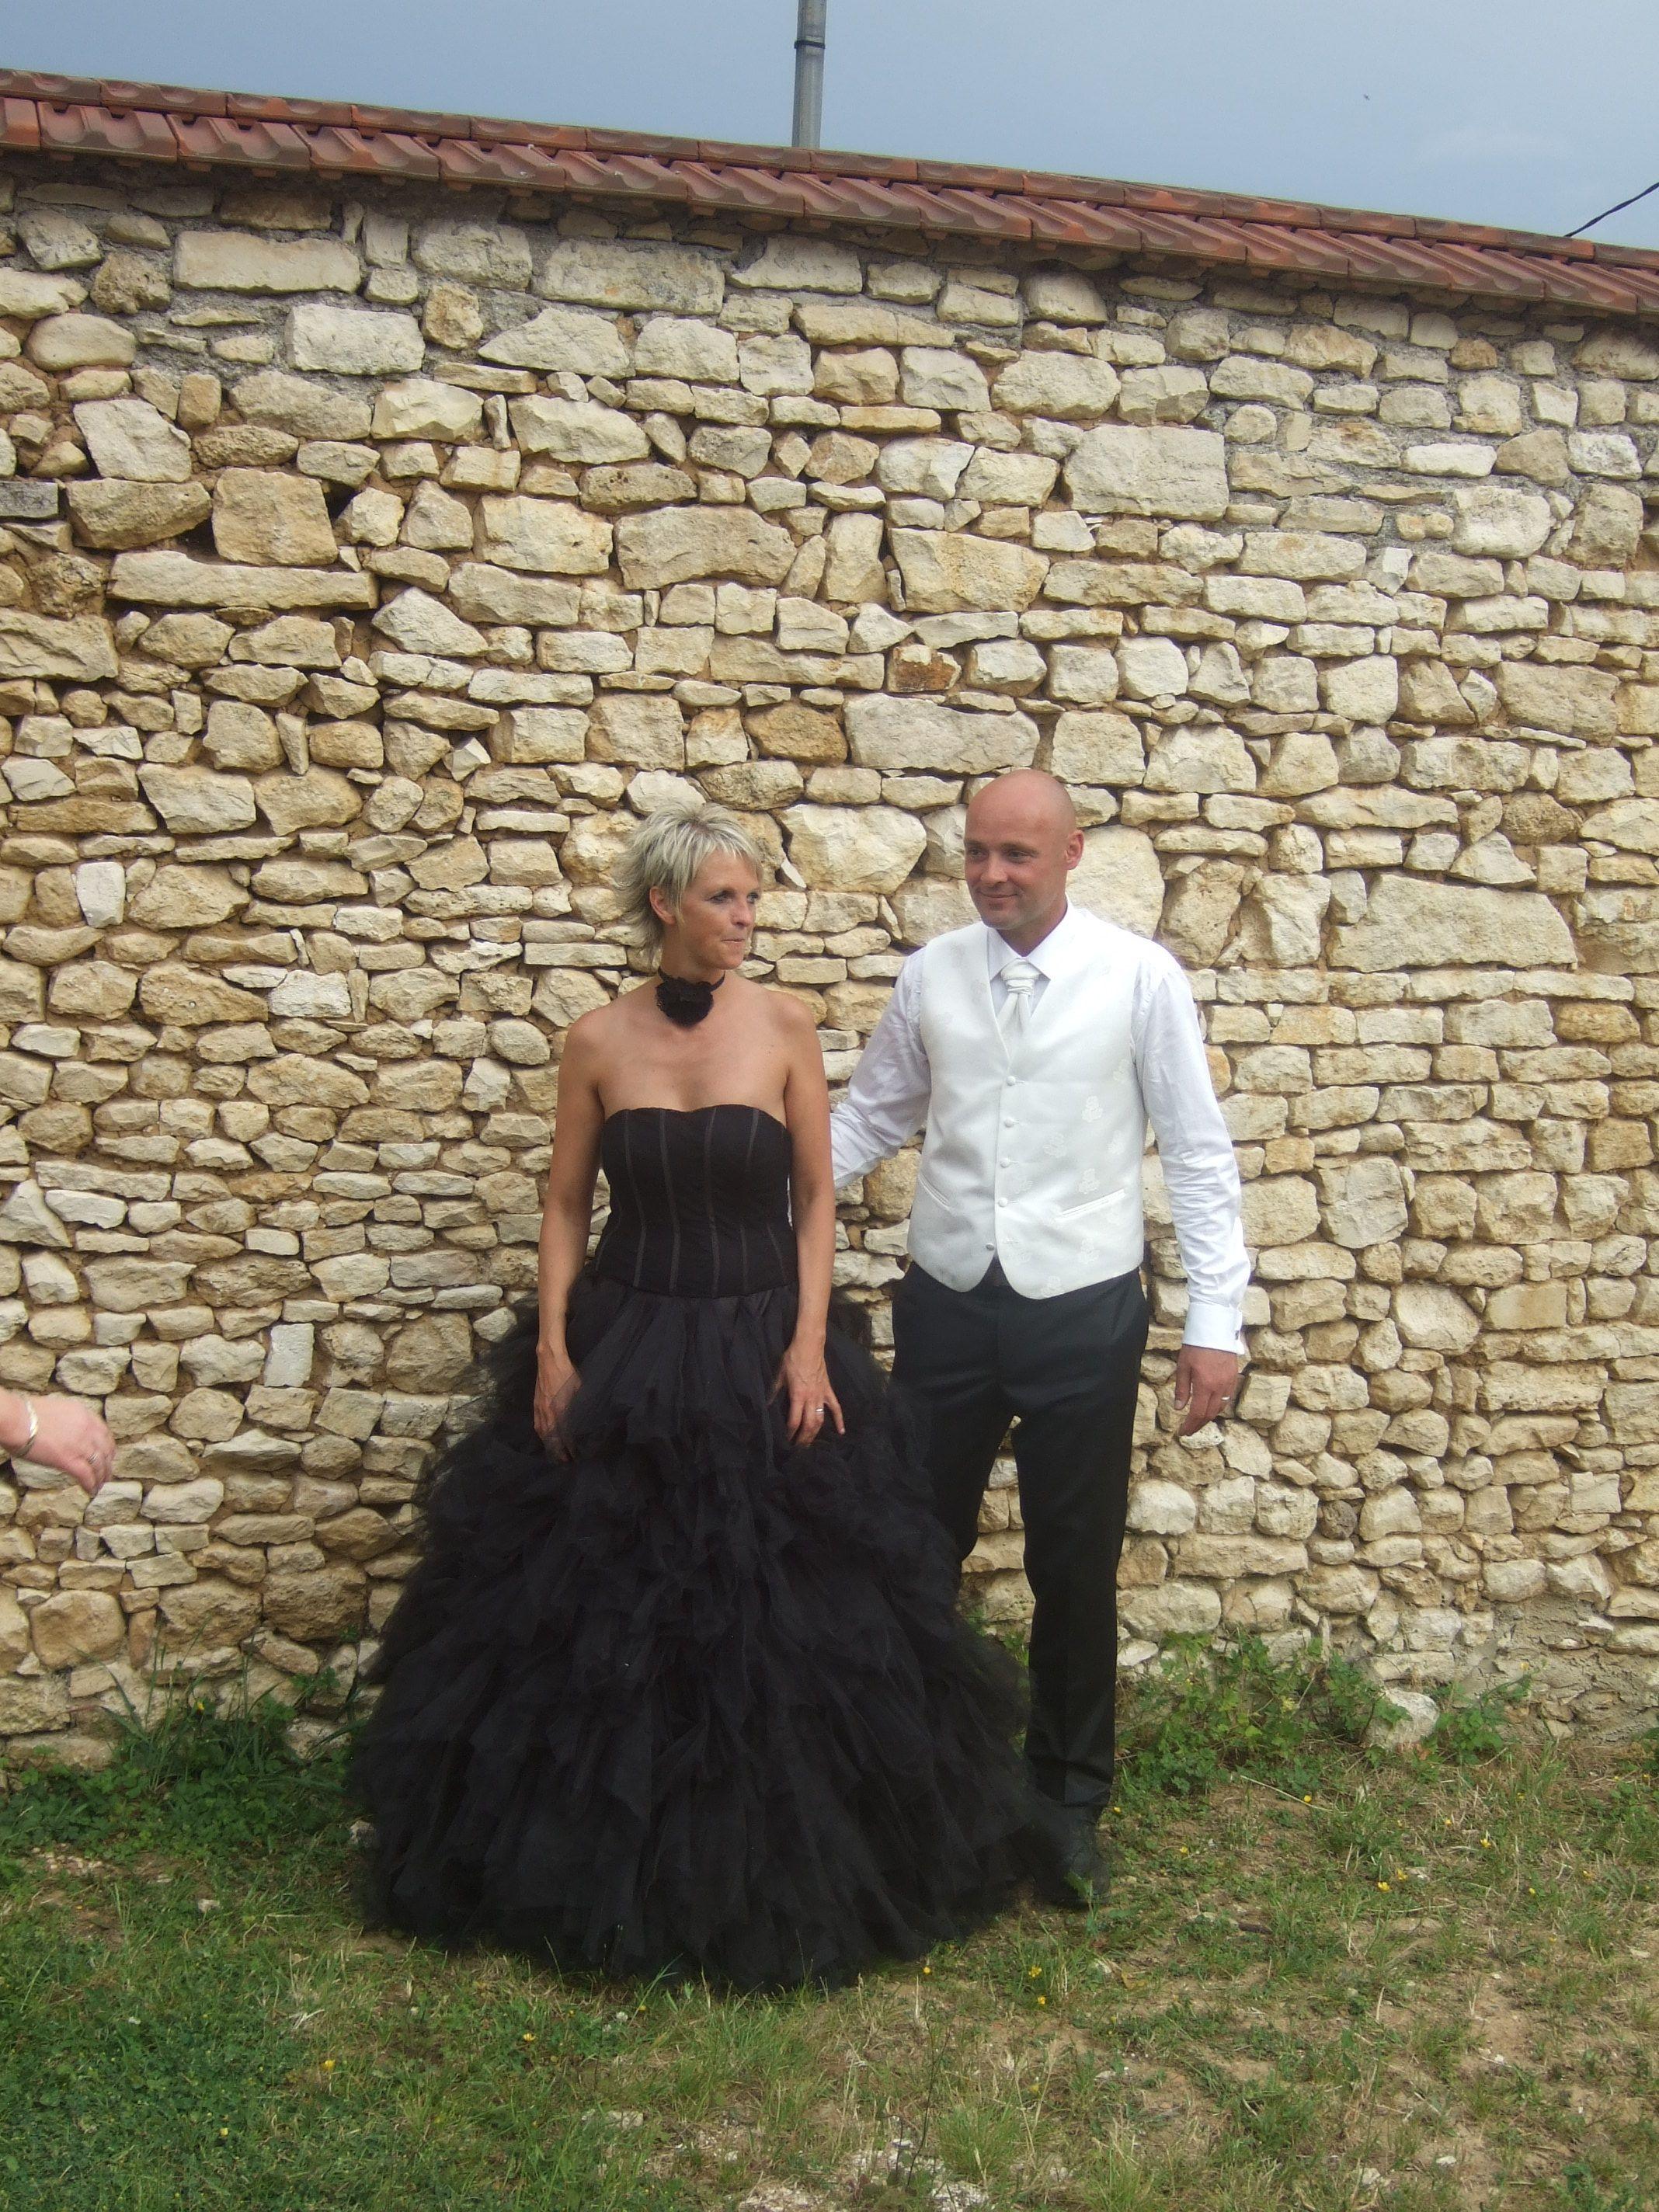 Robe de mariée noire en mouchoirs de tulle commandée sur le site de fabrication de robes de mariée sur mesure www.mariageenrose.fr